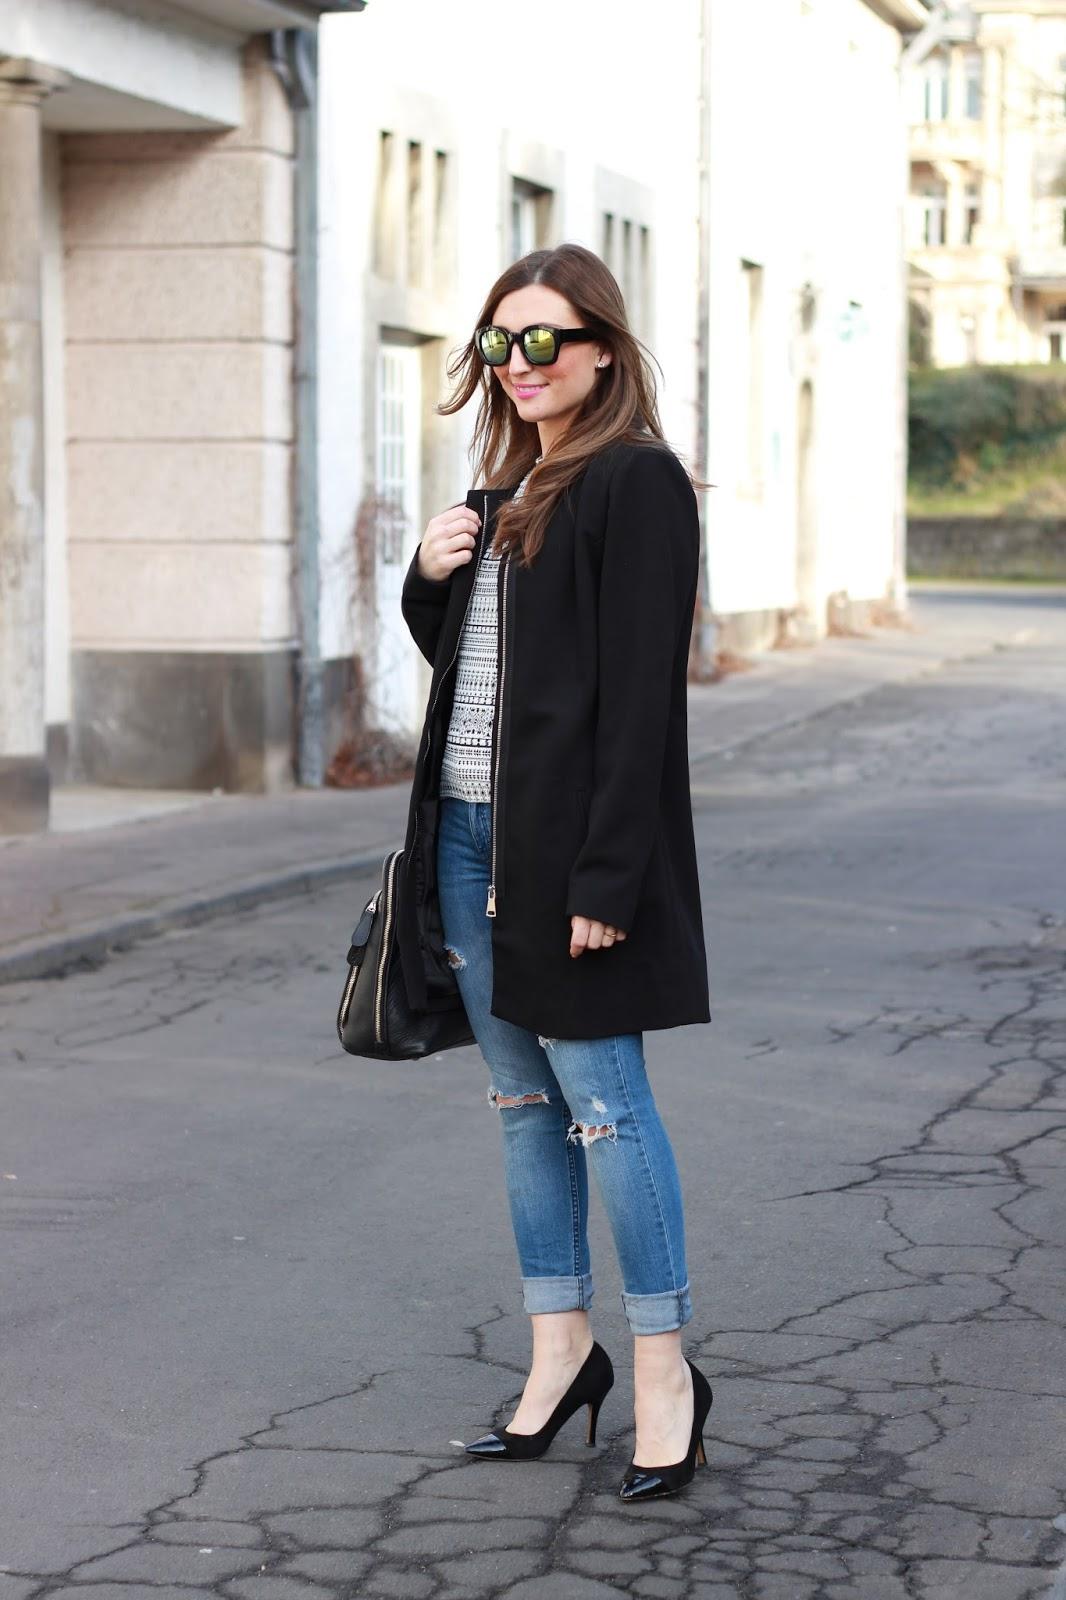 Fashionblogger aus Deutschland - Frankfurt Fashionblogger - German Fashionblogger - Tamaris Heels - Tamaris Schuhe - Schwarze Pumps Blogger